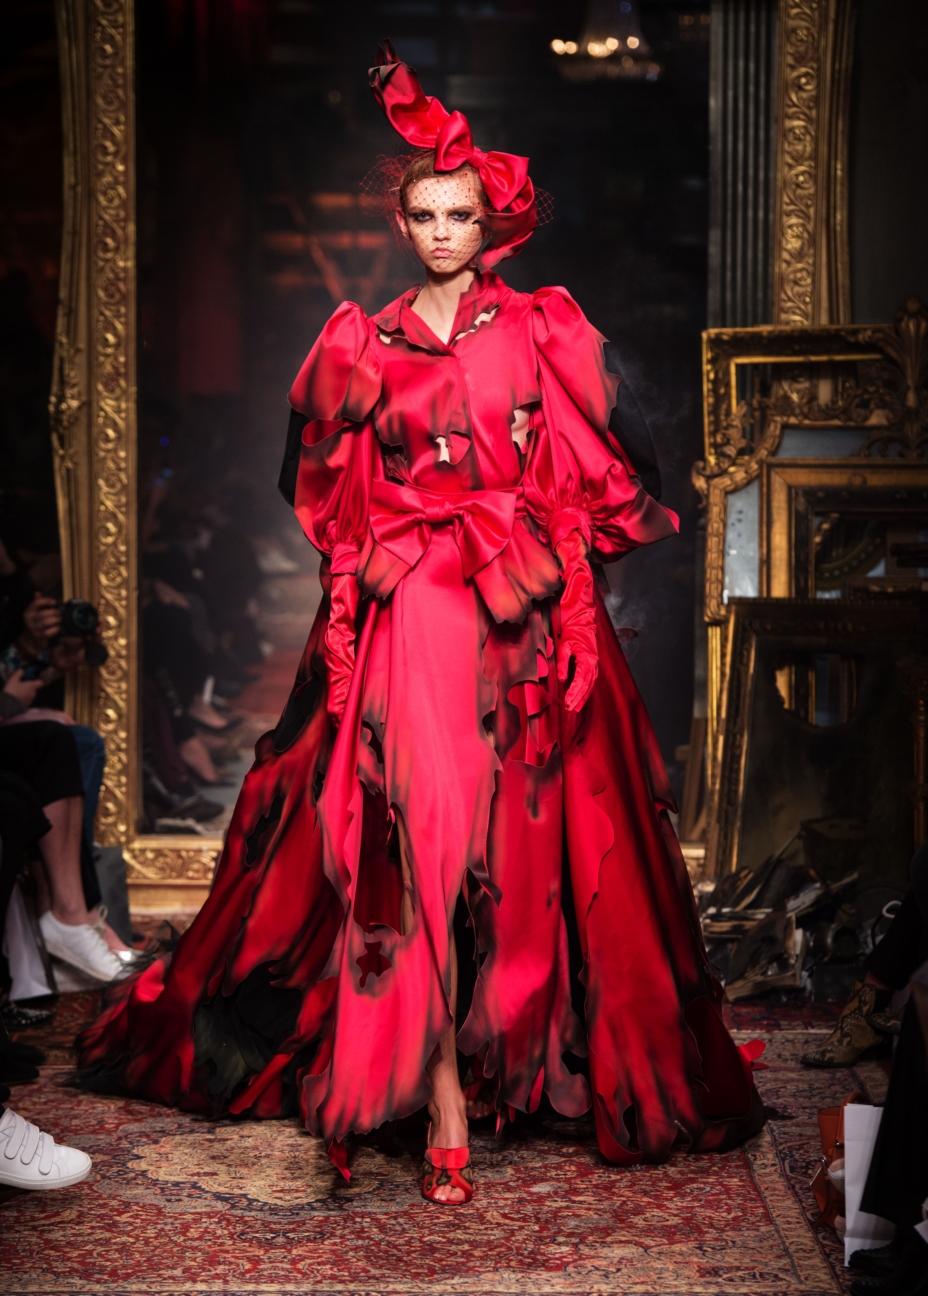 moschino-milan-fashion-week-aw-16-59